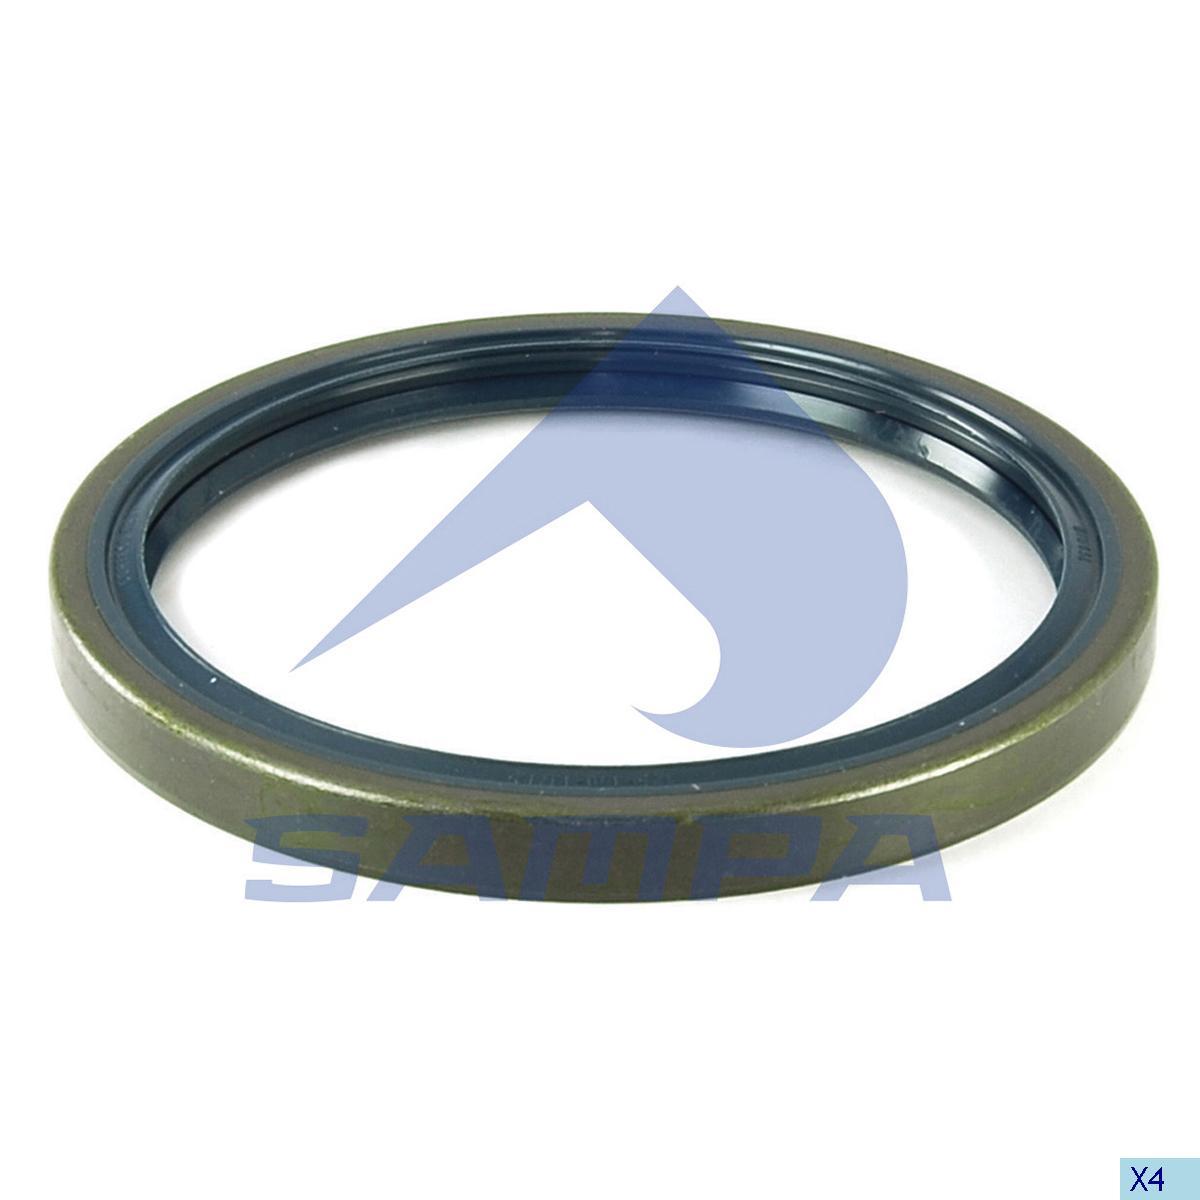 Seal Ring, Wheel Hub, Volvo, Power Unit